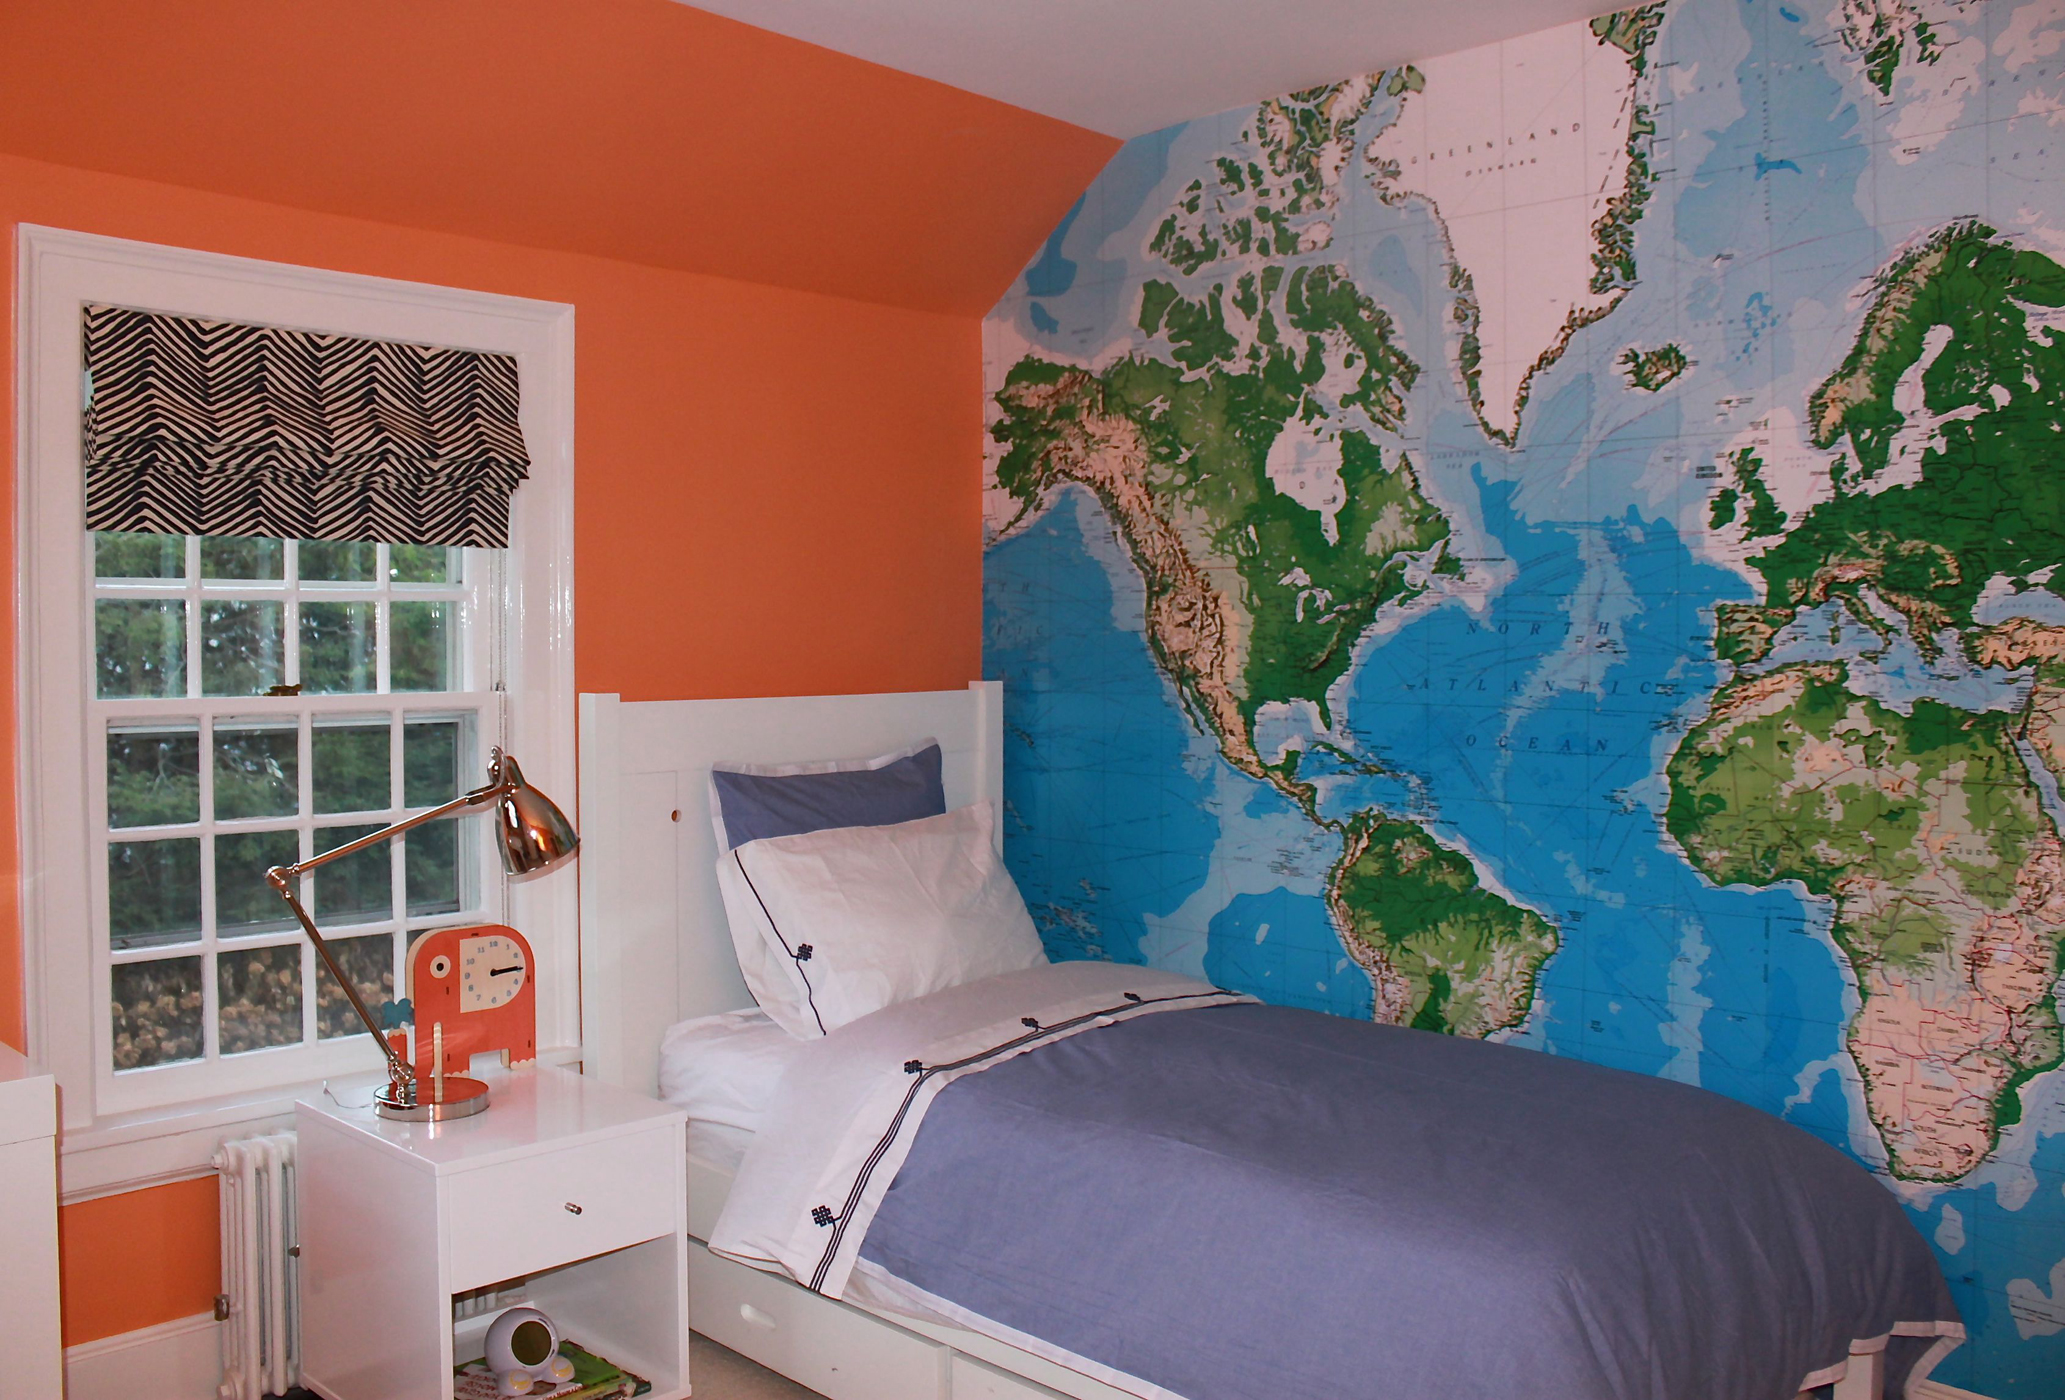 Lucas's-room-